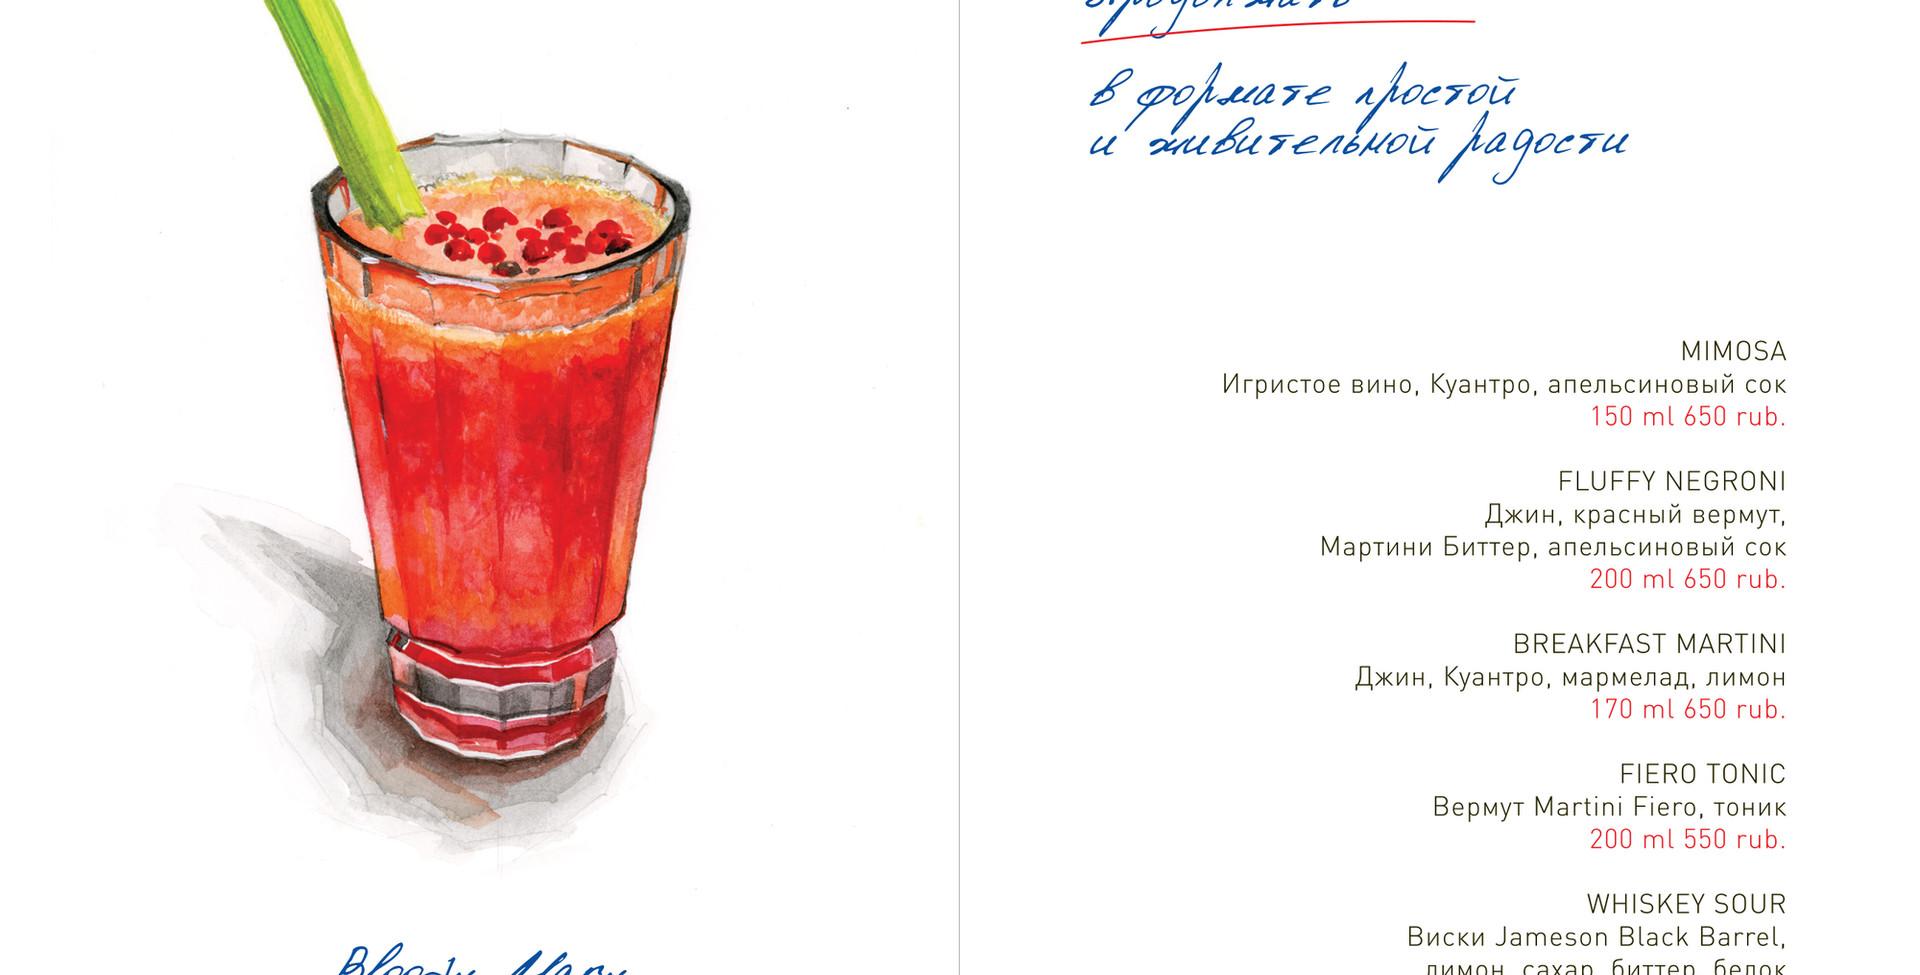 Cocktail Menu. 02-03 pages